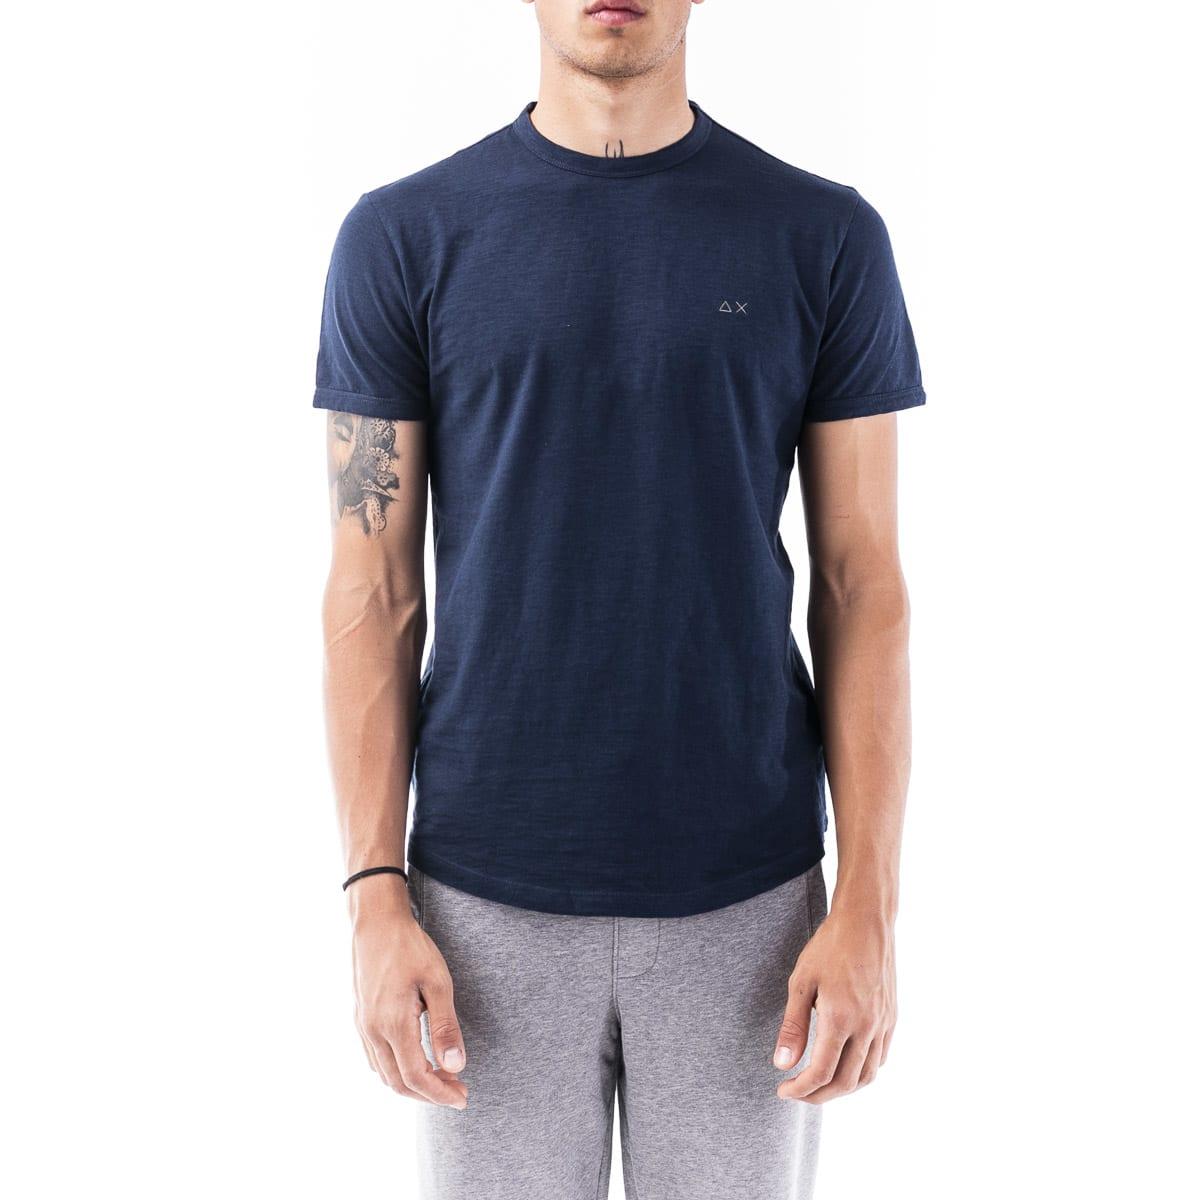 Sun68 Cotton T-shirt